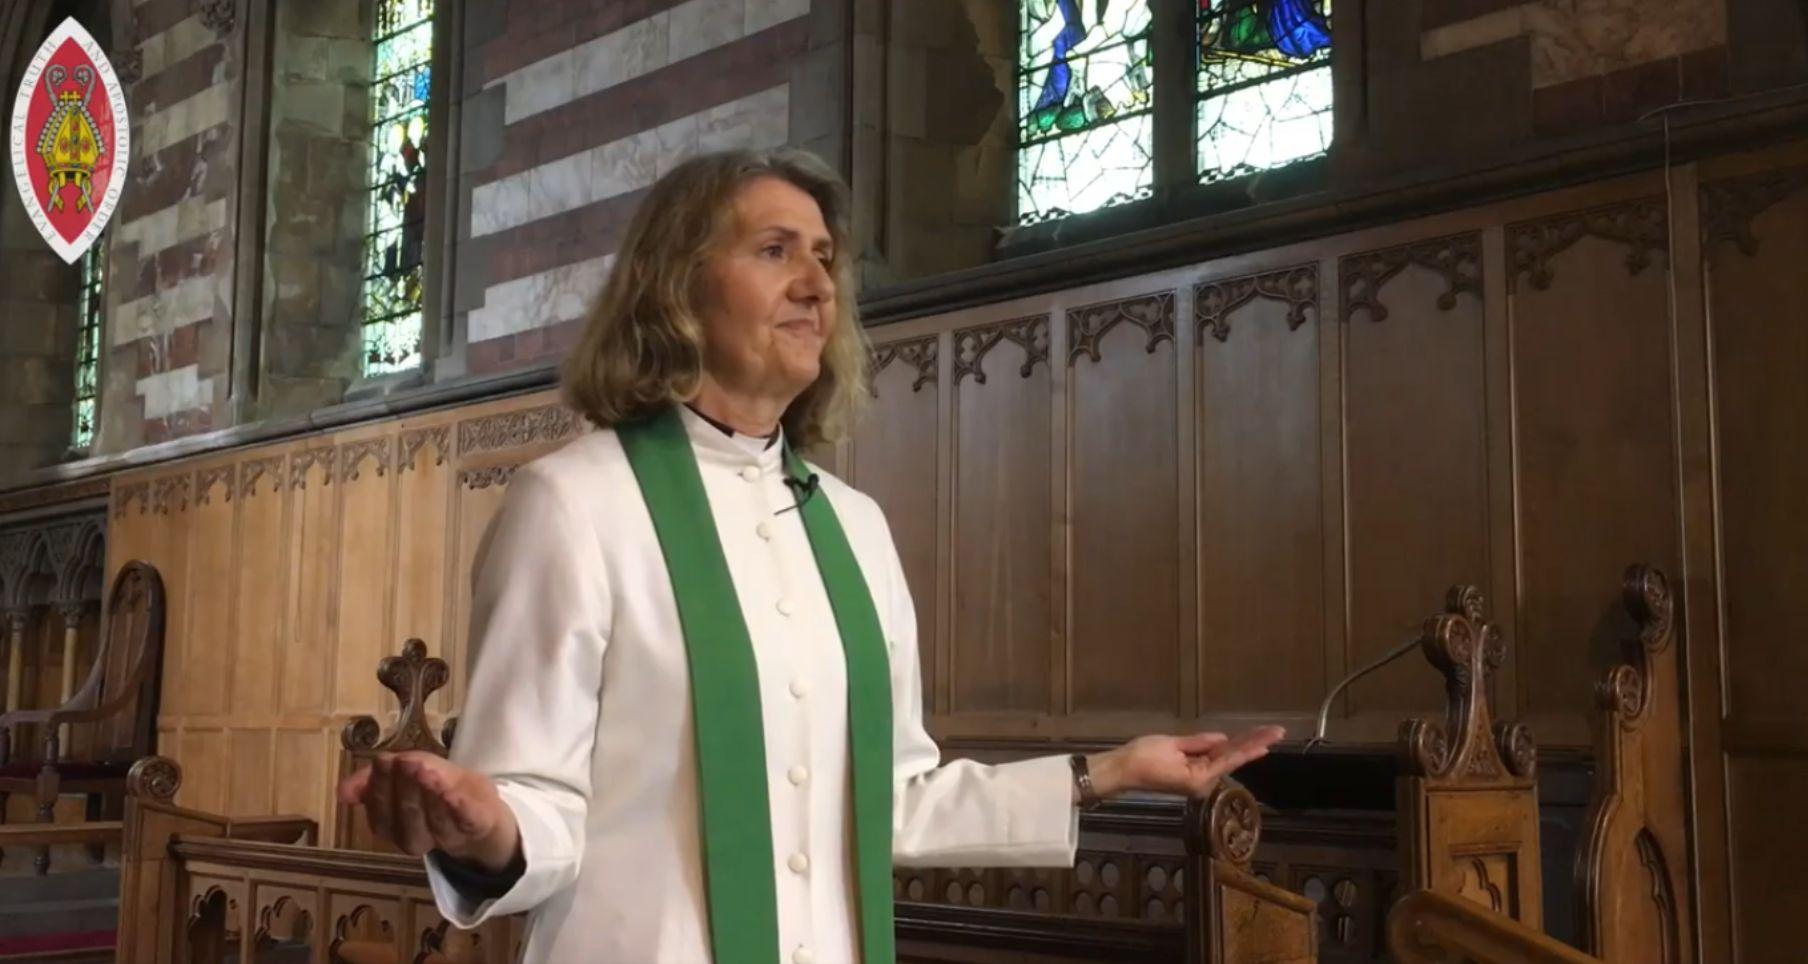 The Rev Elaine Garman presents a guidance video